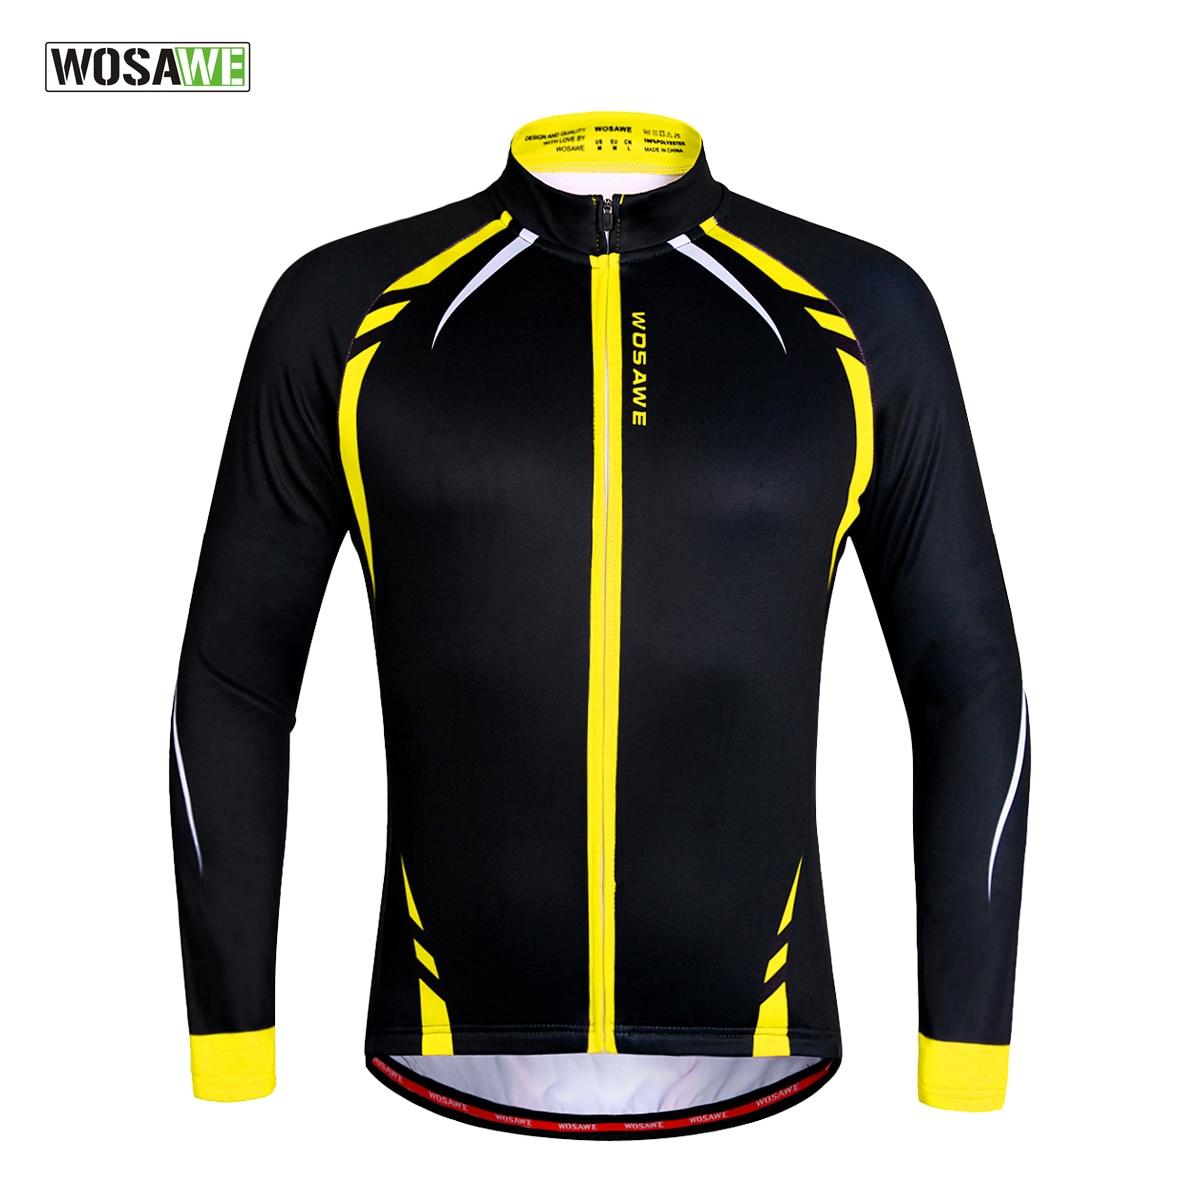 WOSAWE Thermische Radfahren Jacken Gelb Winddicht Lange Hülse Jersey MTB Bike Fahrrad ciclismo Reflektierende Fleece Radfahren Kleidung